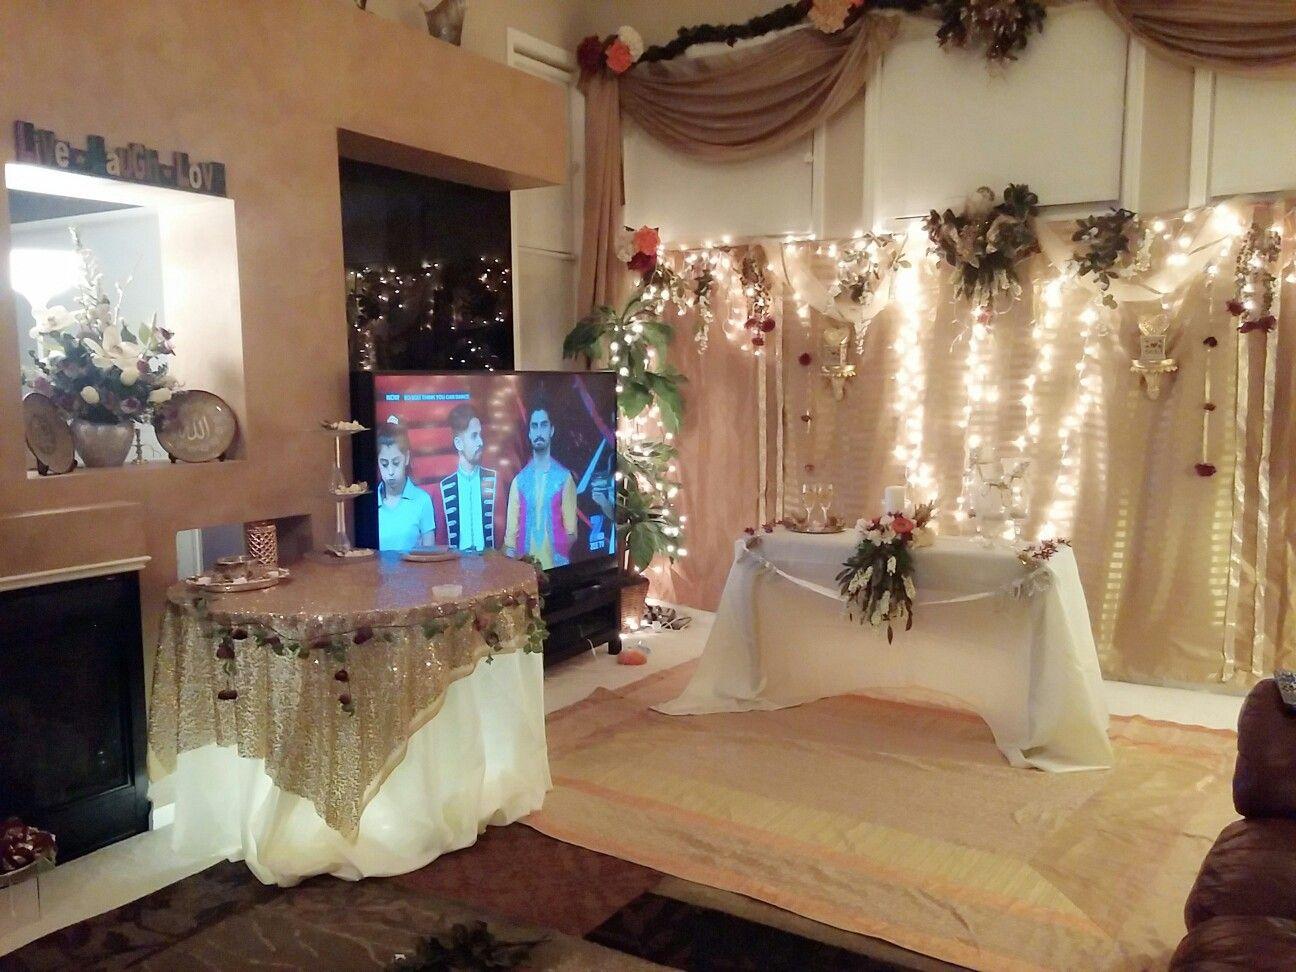 Wedding Reciption Decorations 2017 By Noor Canton Mi U S Decor Home Decor Vanity Mirror